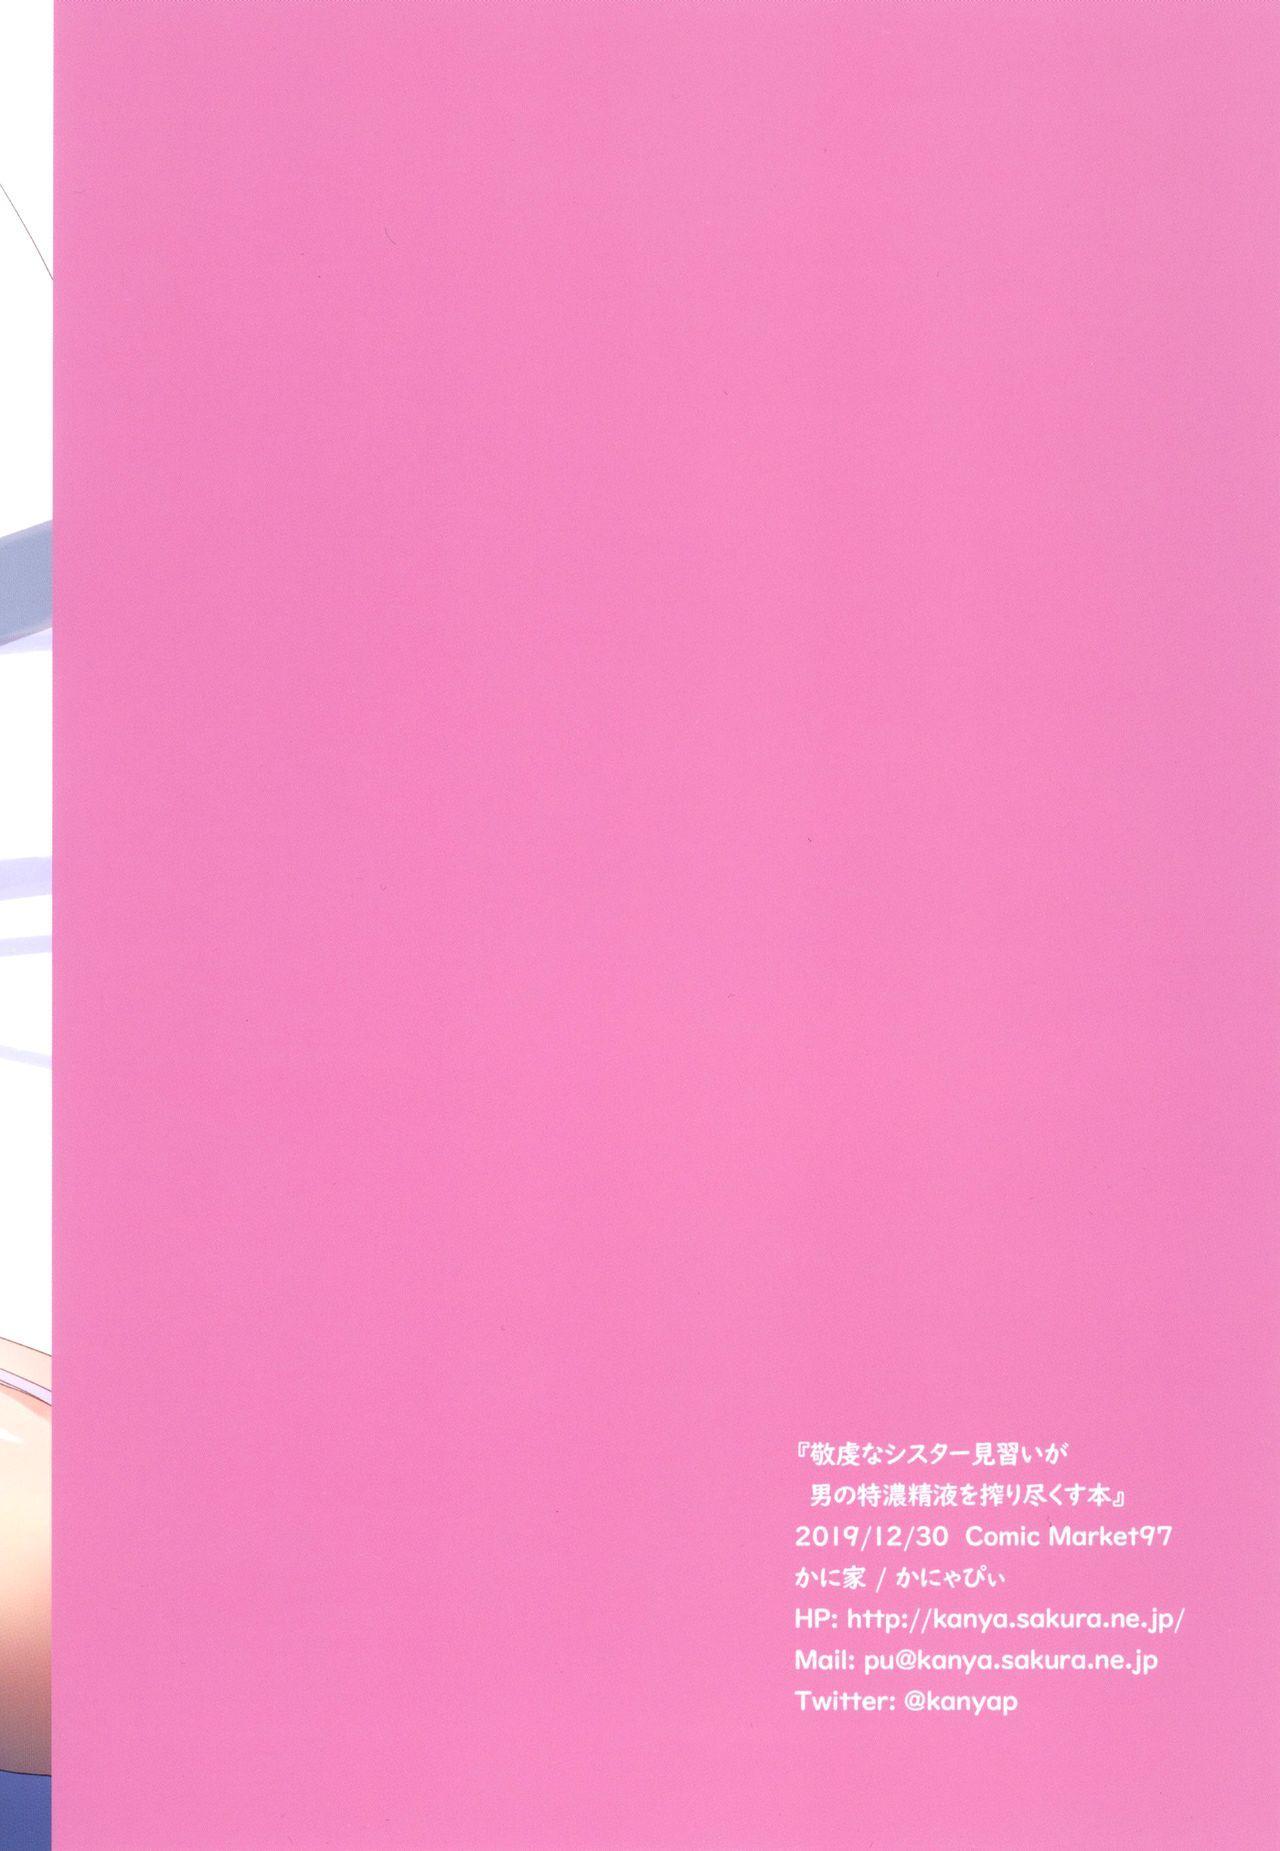 Keiken na Sister Minarai ga Otoko no Tokunou Seieki o Shiboritsukusu Hon 23